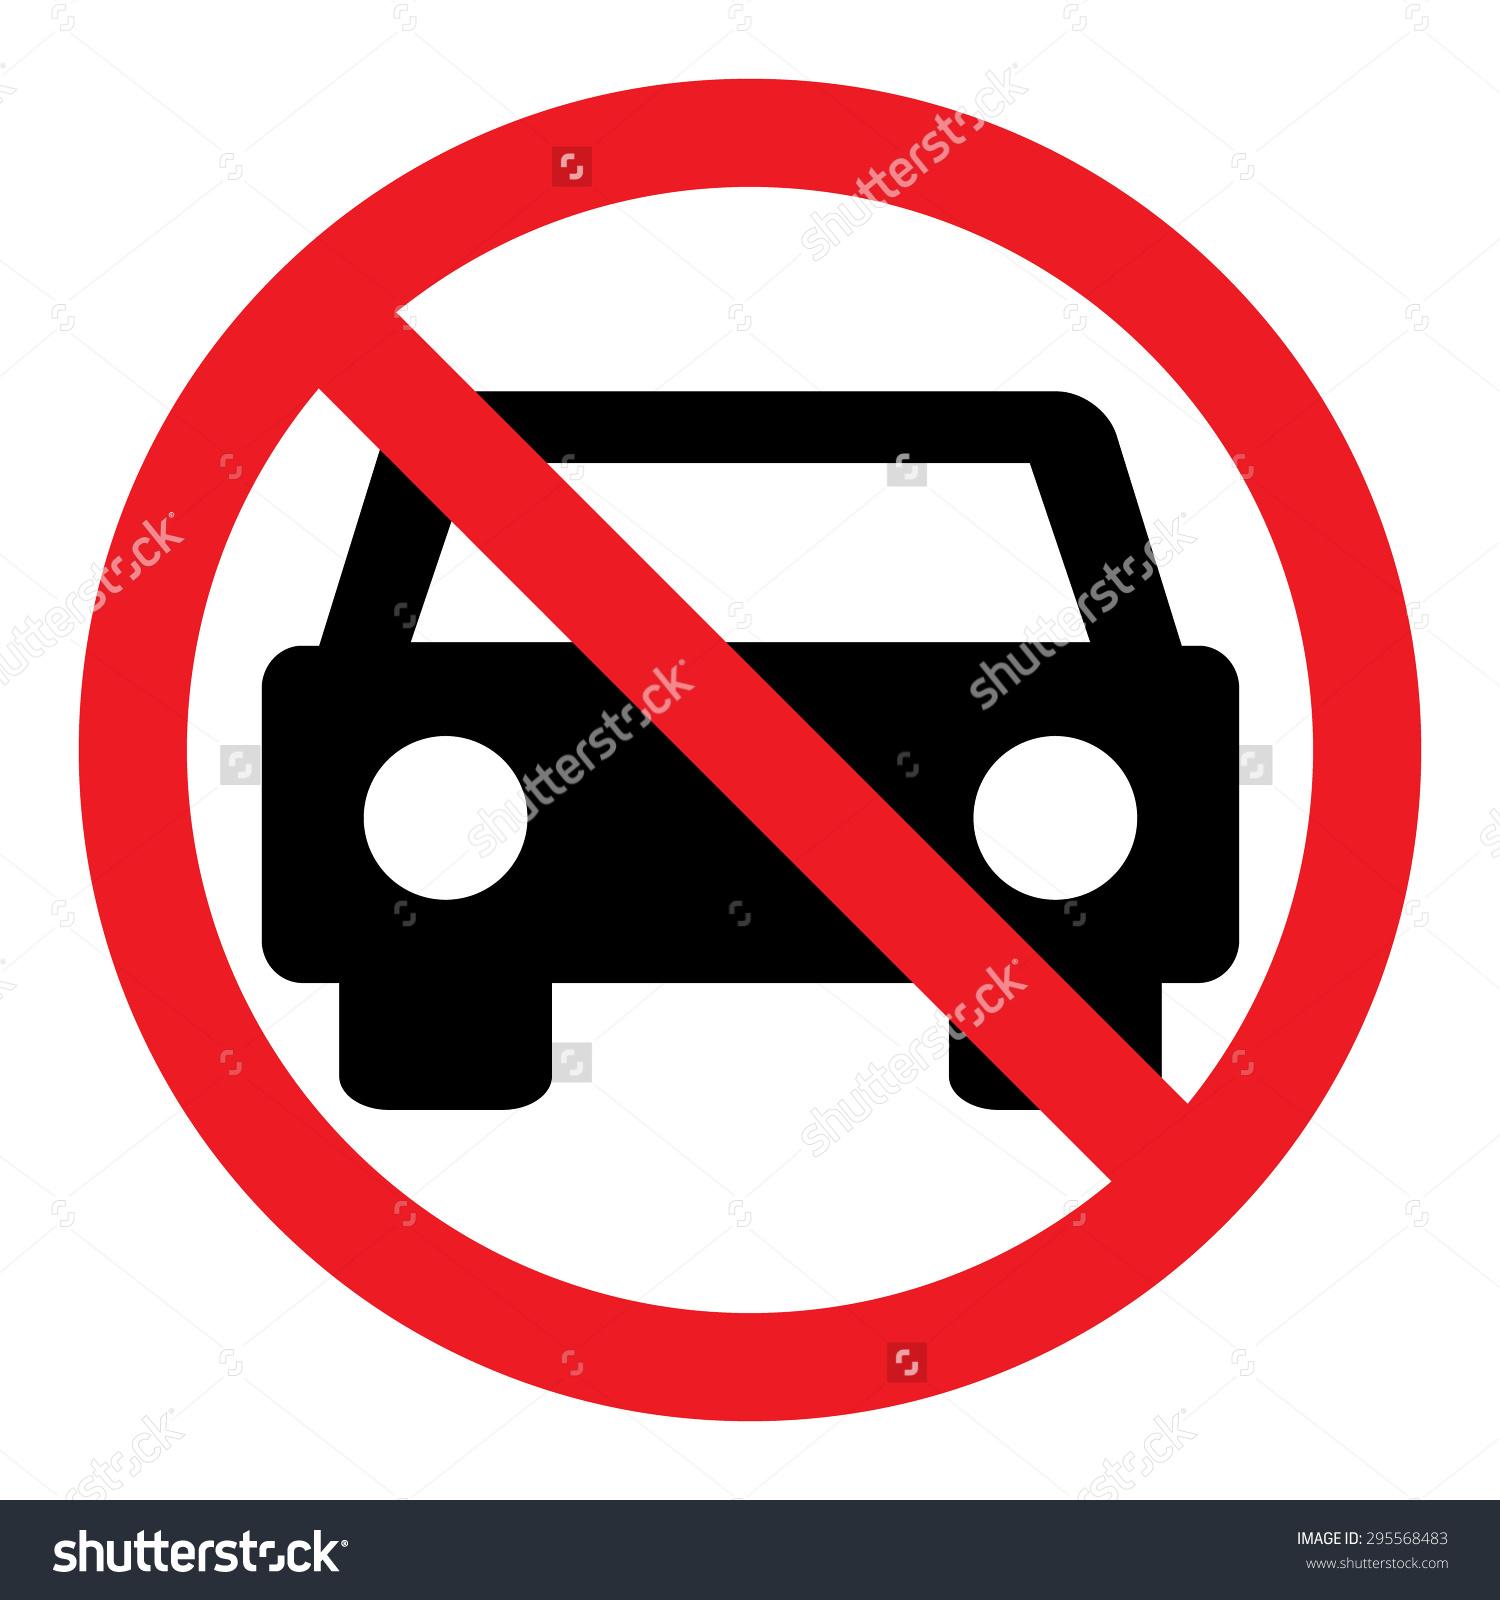 Circle Prohibited Sign No Car No Stock Vector 295568483.